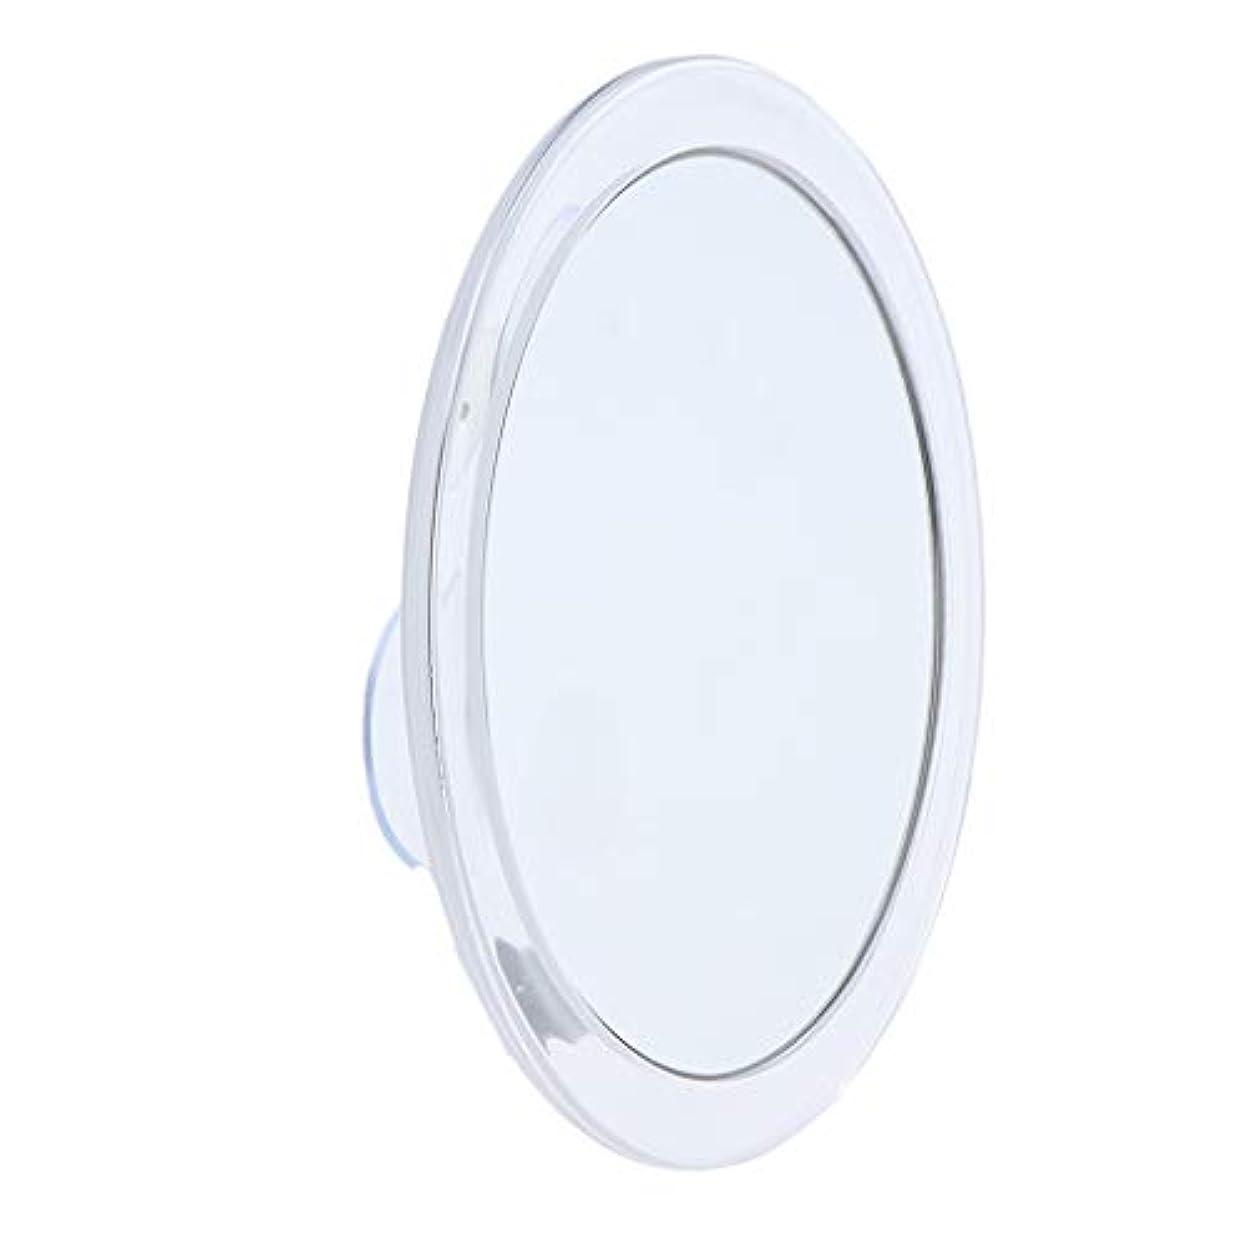 正義ファセットショートカットToygogo サクションミラー 化粧ミラー 化粧鏡 メイクアップミラー 5倍 拡大鏡 吸盤付き